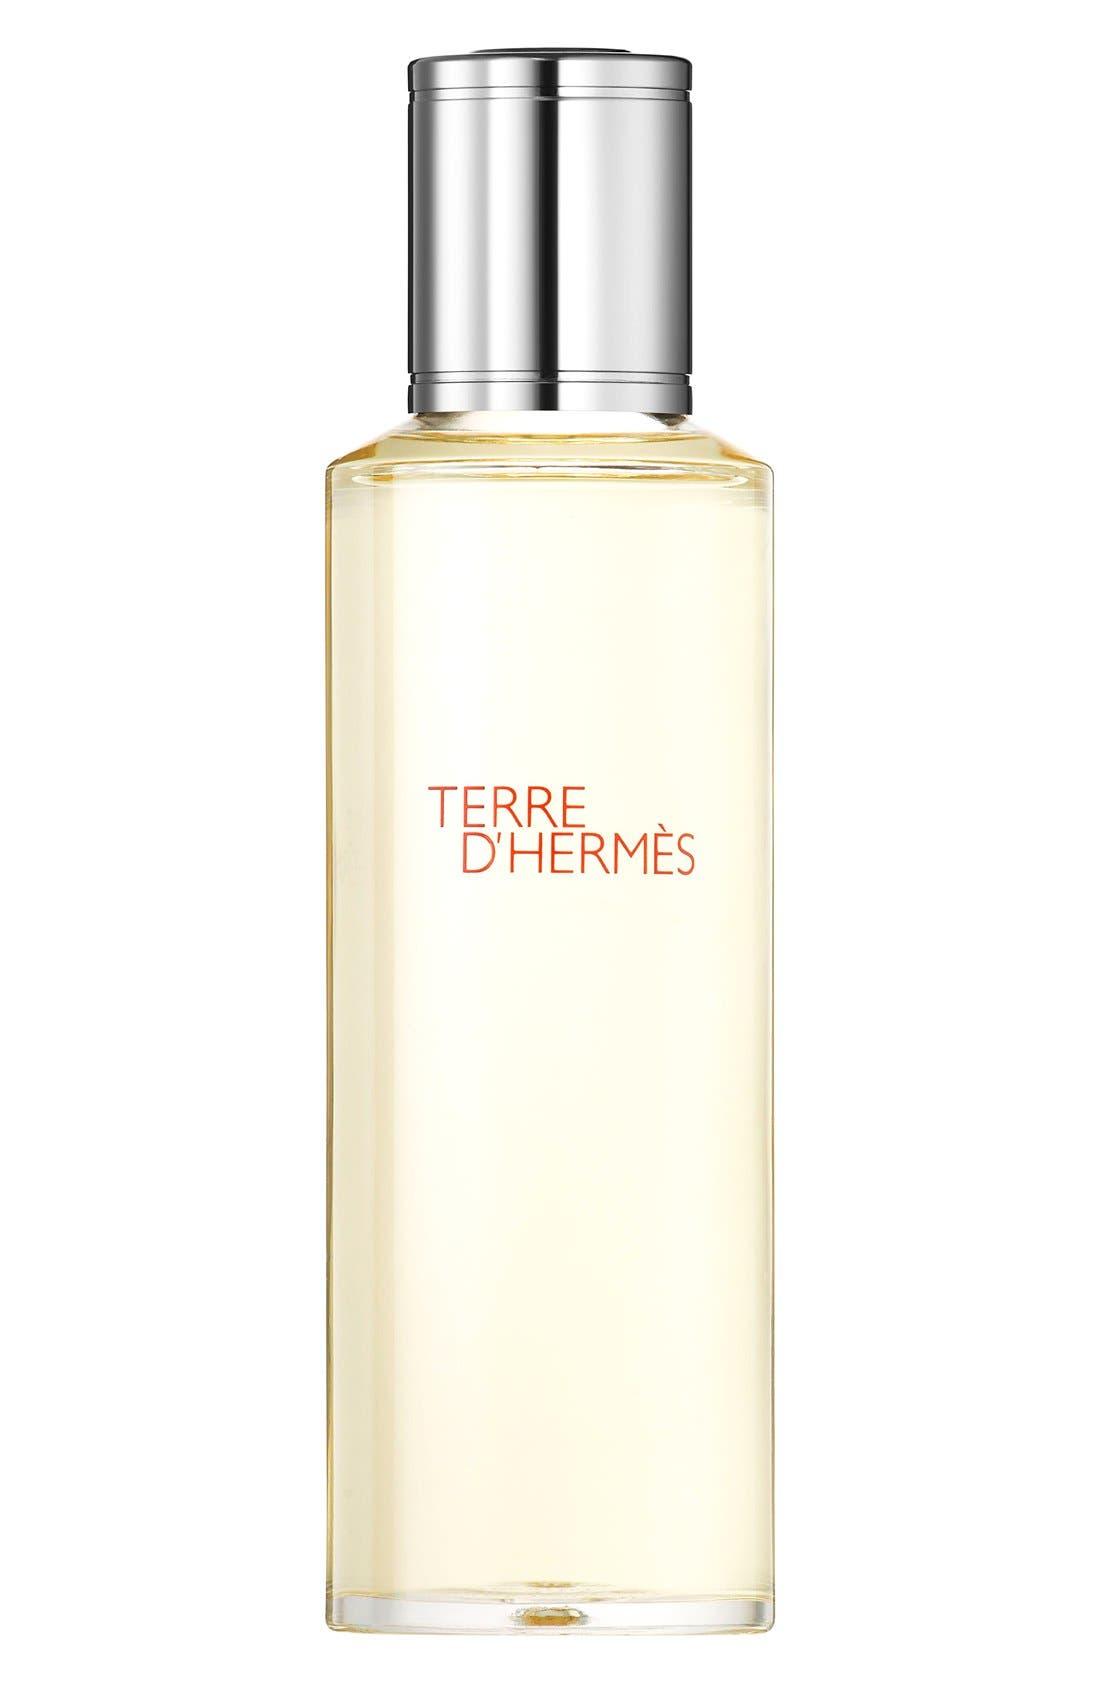 Terre d'Hermès - Eau de toilette Bel Objet refill bottle,                             Main thumbnail 1, color,